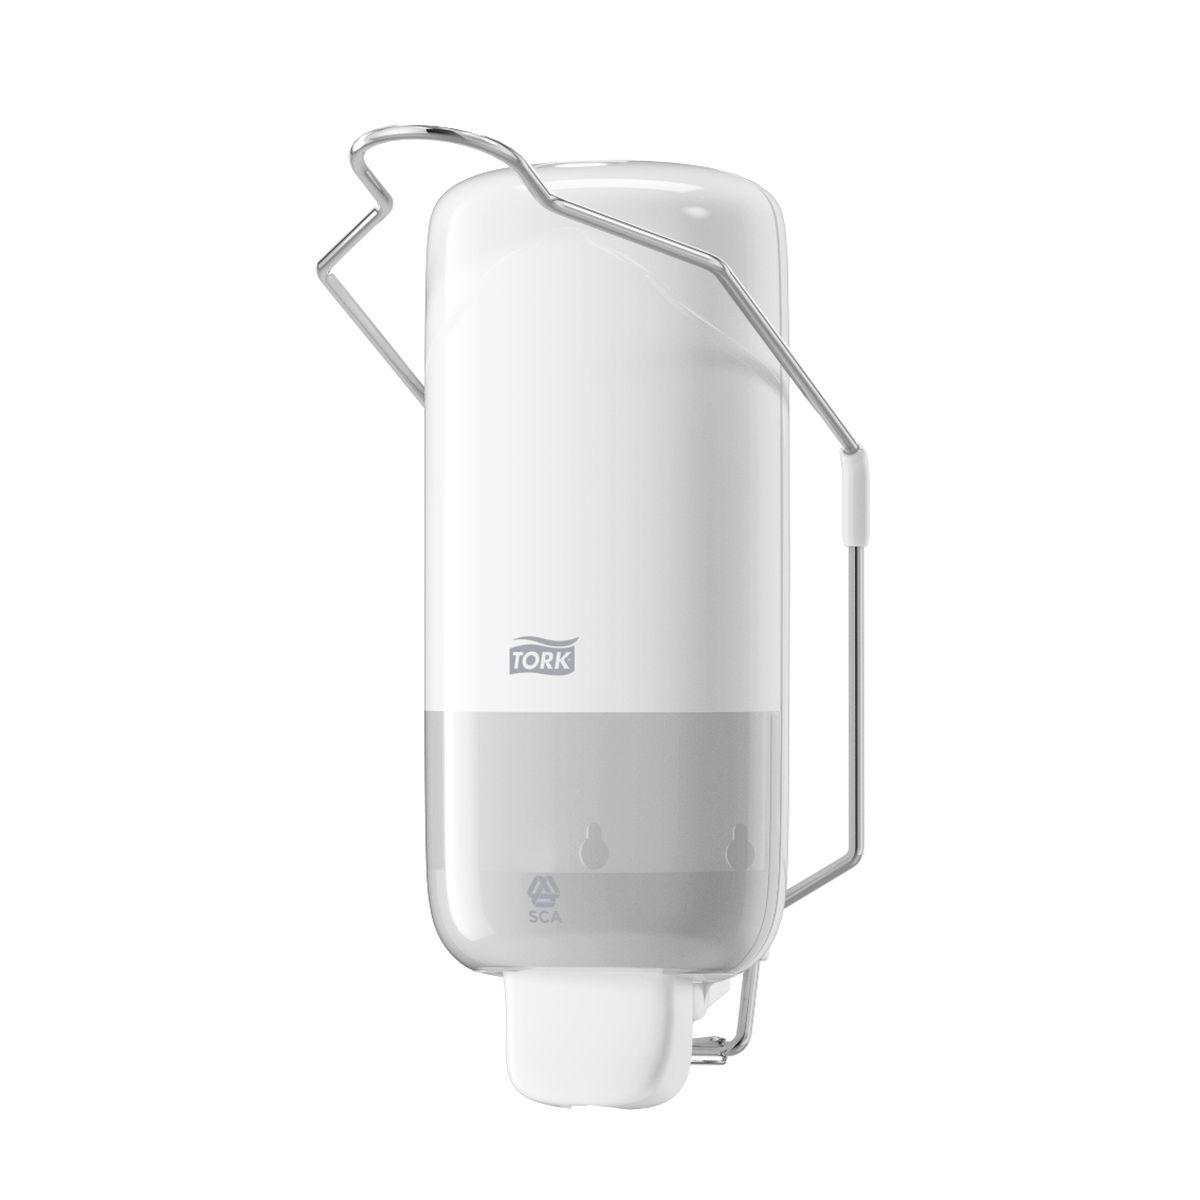 Диспенсер для мыла Tork, цвет: белый. 560100560100Диспенсер с локтевым приводом предназначен для объектов с особенно высокими требованиями к стандартам гигиены (пищевое производство, медицина) либо для участков, где степень загрязнения рук такова, что использование обычного диспенсера будет негигиеничным (например, автосервисы).Дозатор предназначен для одного стандартного картриджа мыла Tork. Избежать протекания и засорения приспособления позволяет надежная система дозирования средства. Локтевой привод - для помещений с повышенными гигиеническими требованиями. Надежная система подачи мыла - экономичный расход, исключает протекание. Ударопрочный пластик - отвечает всем требованиям гигиены. 1000 порций мыла.